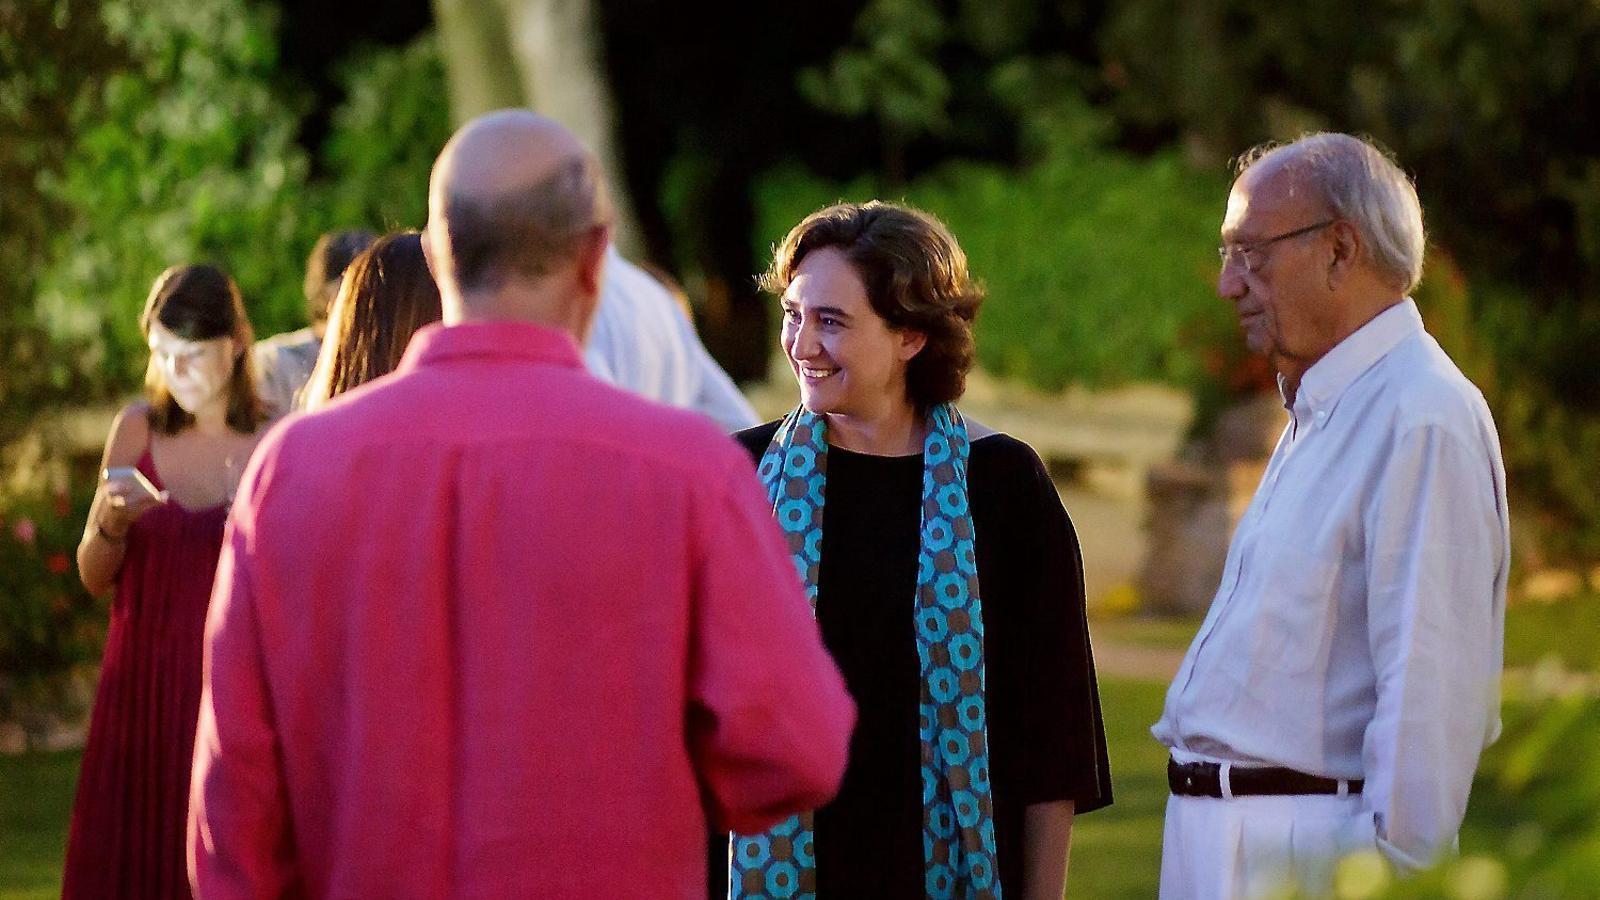 L'alcaldessa de Barcelona, Ada Colau, amb l'amfitrió, Pere Portabella, a la seva esquerra durant un moment de la vetllada.